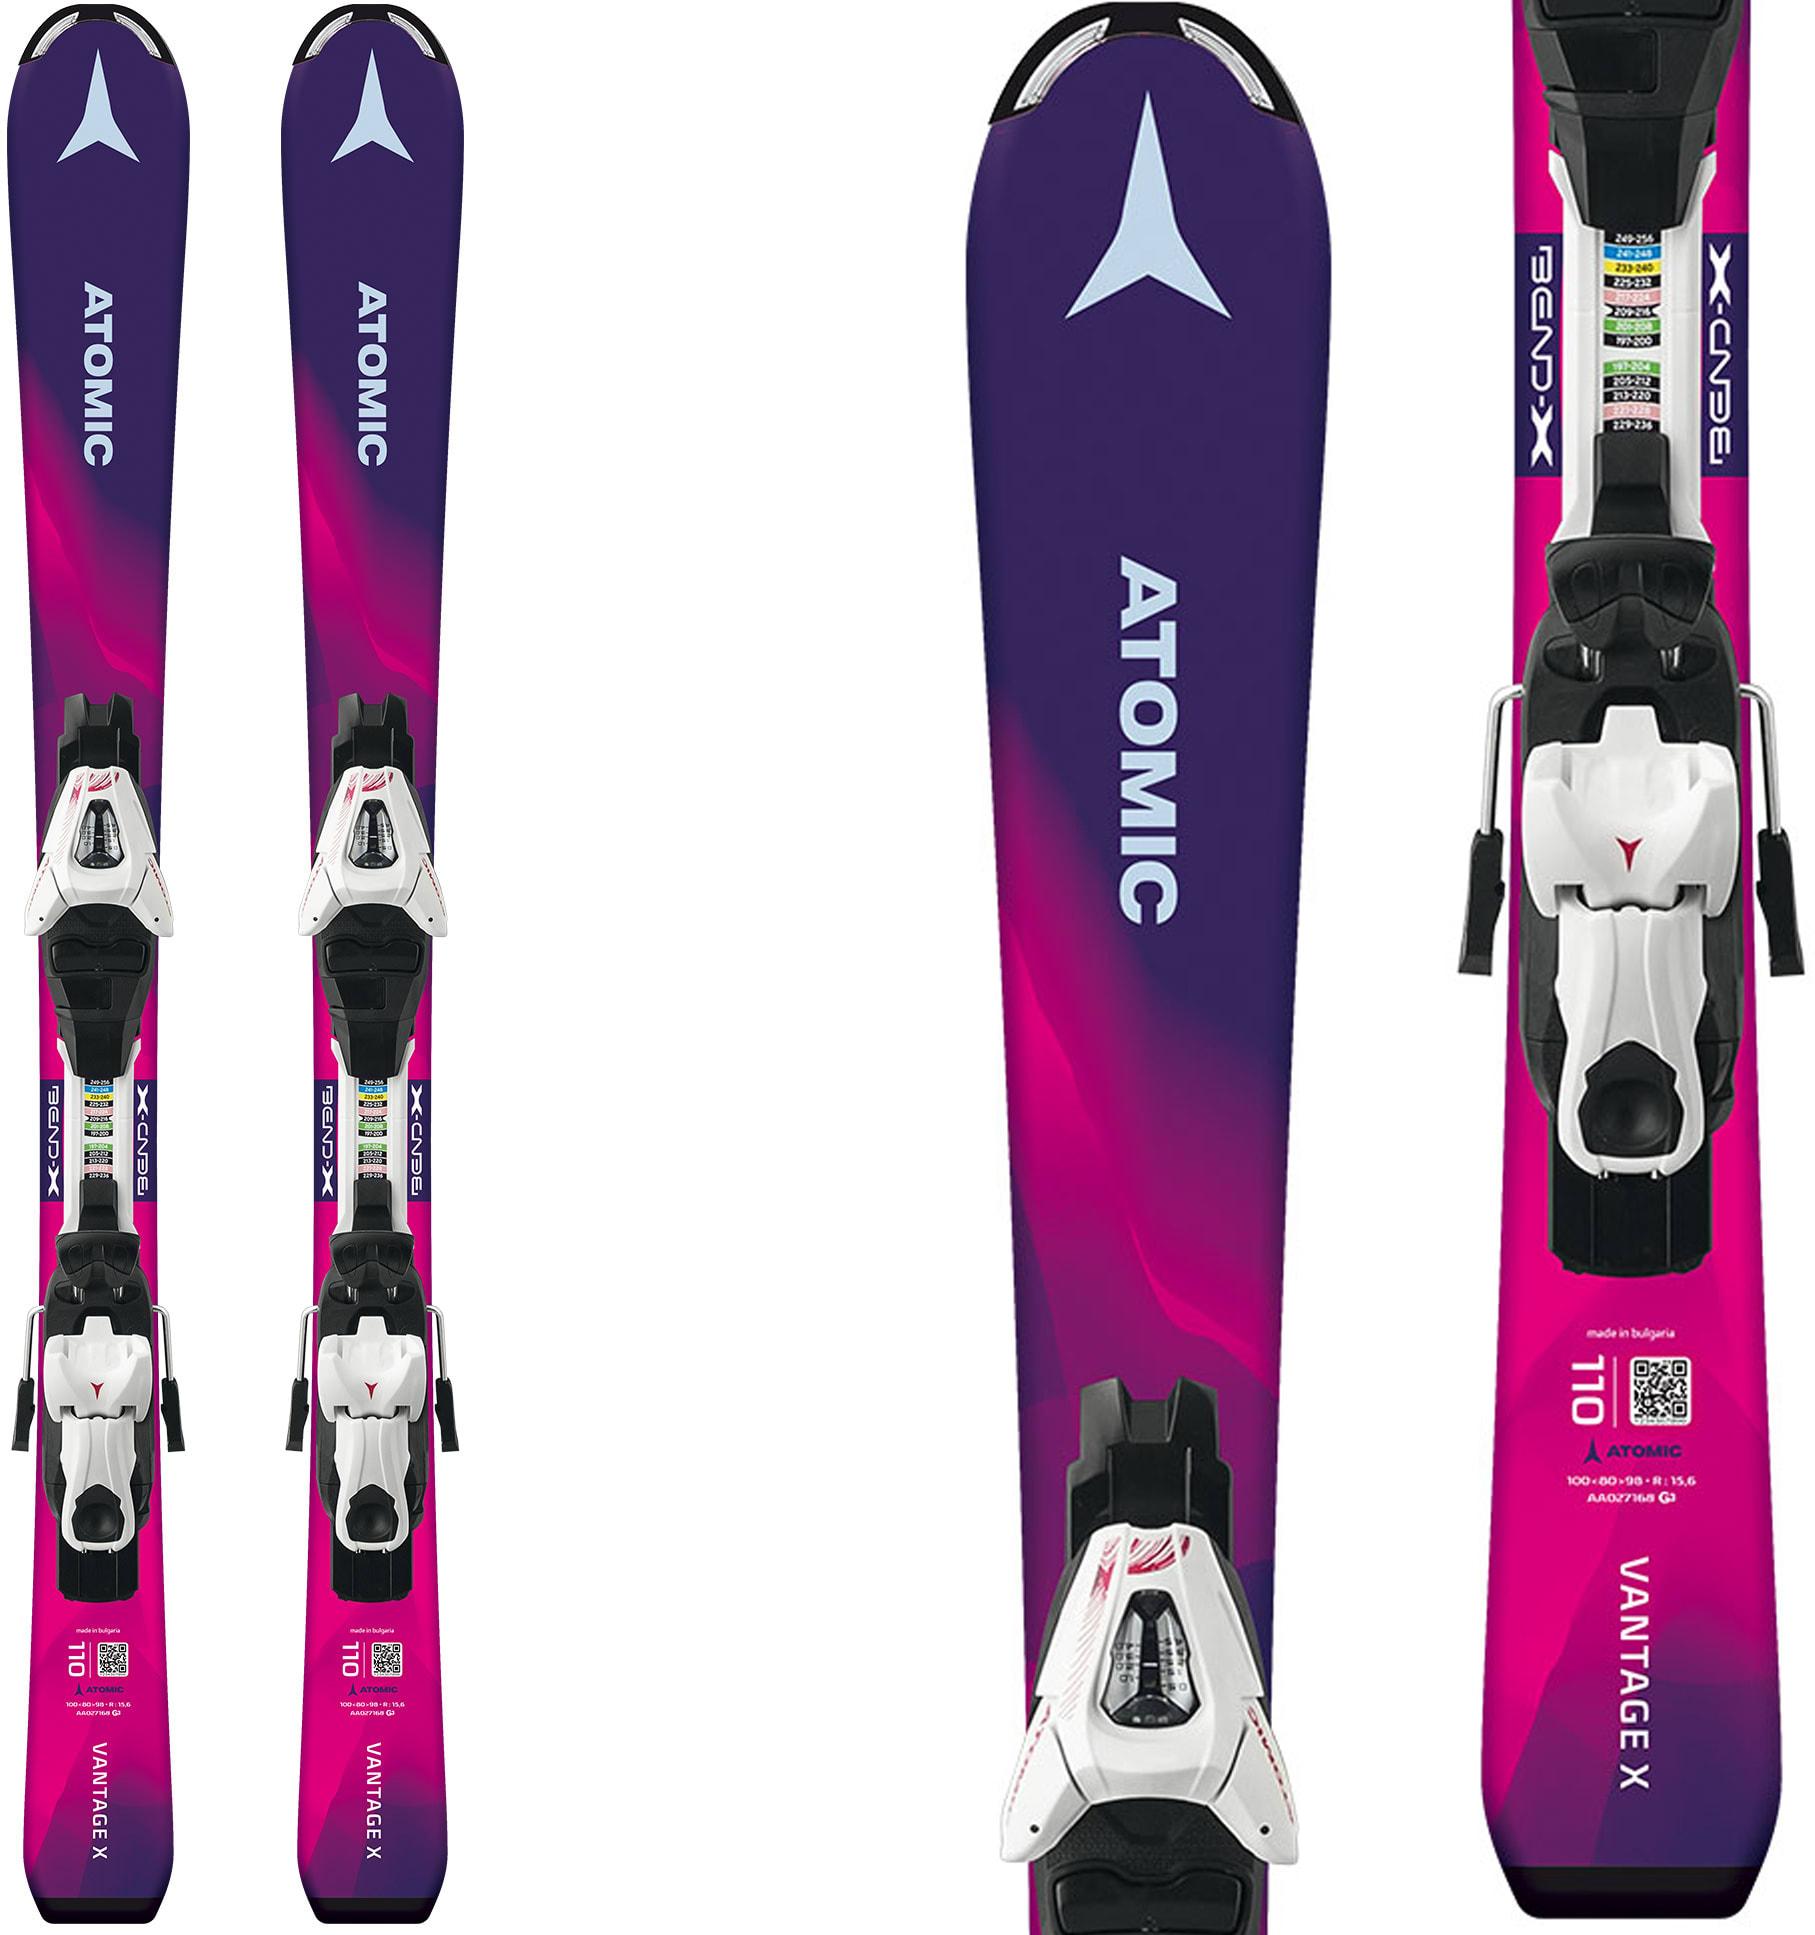 Atomic Vantage X Skis W/ C 5 Bindings